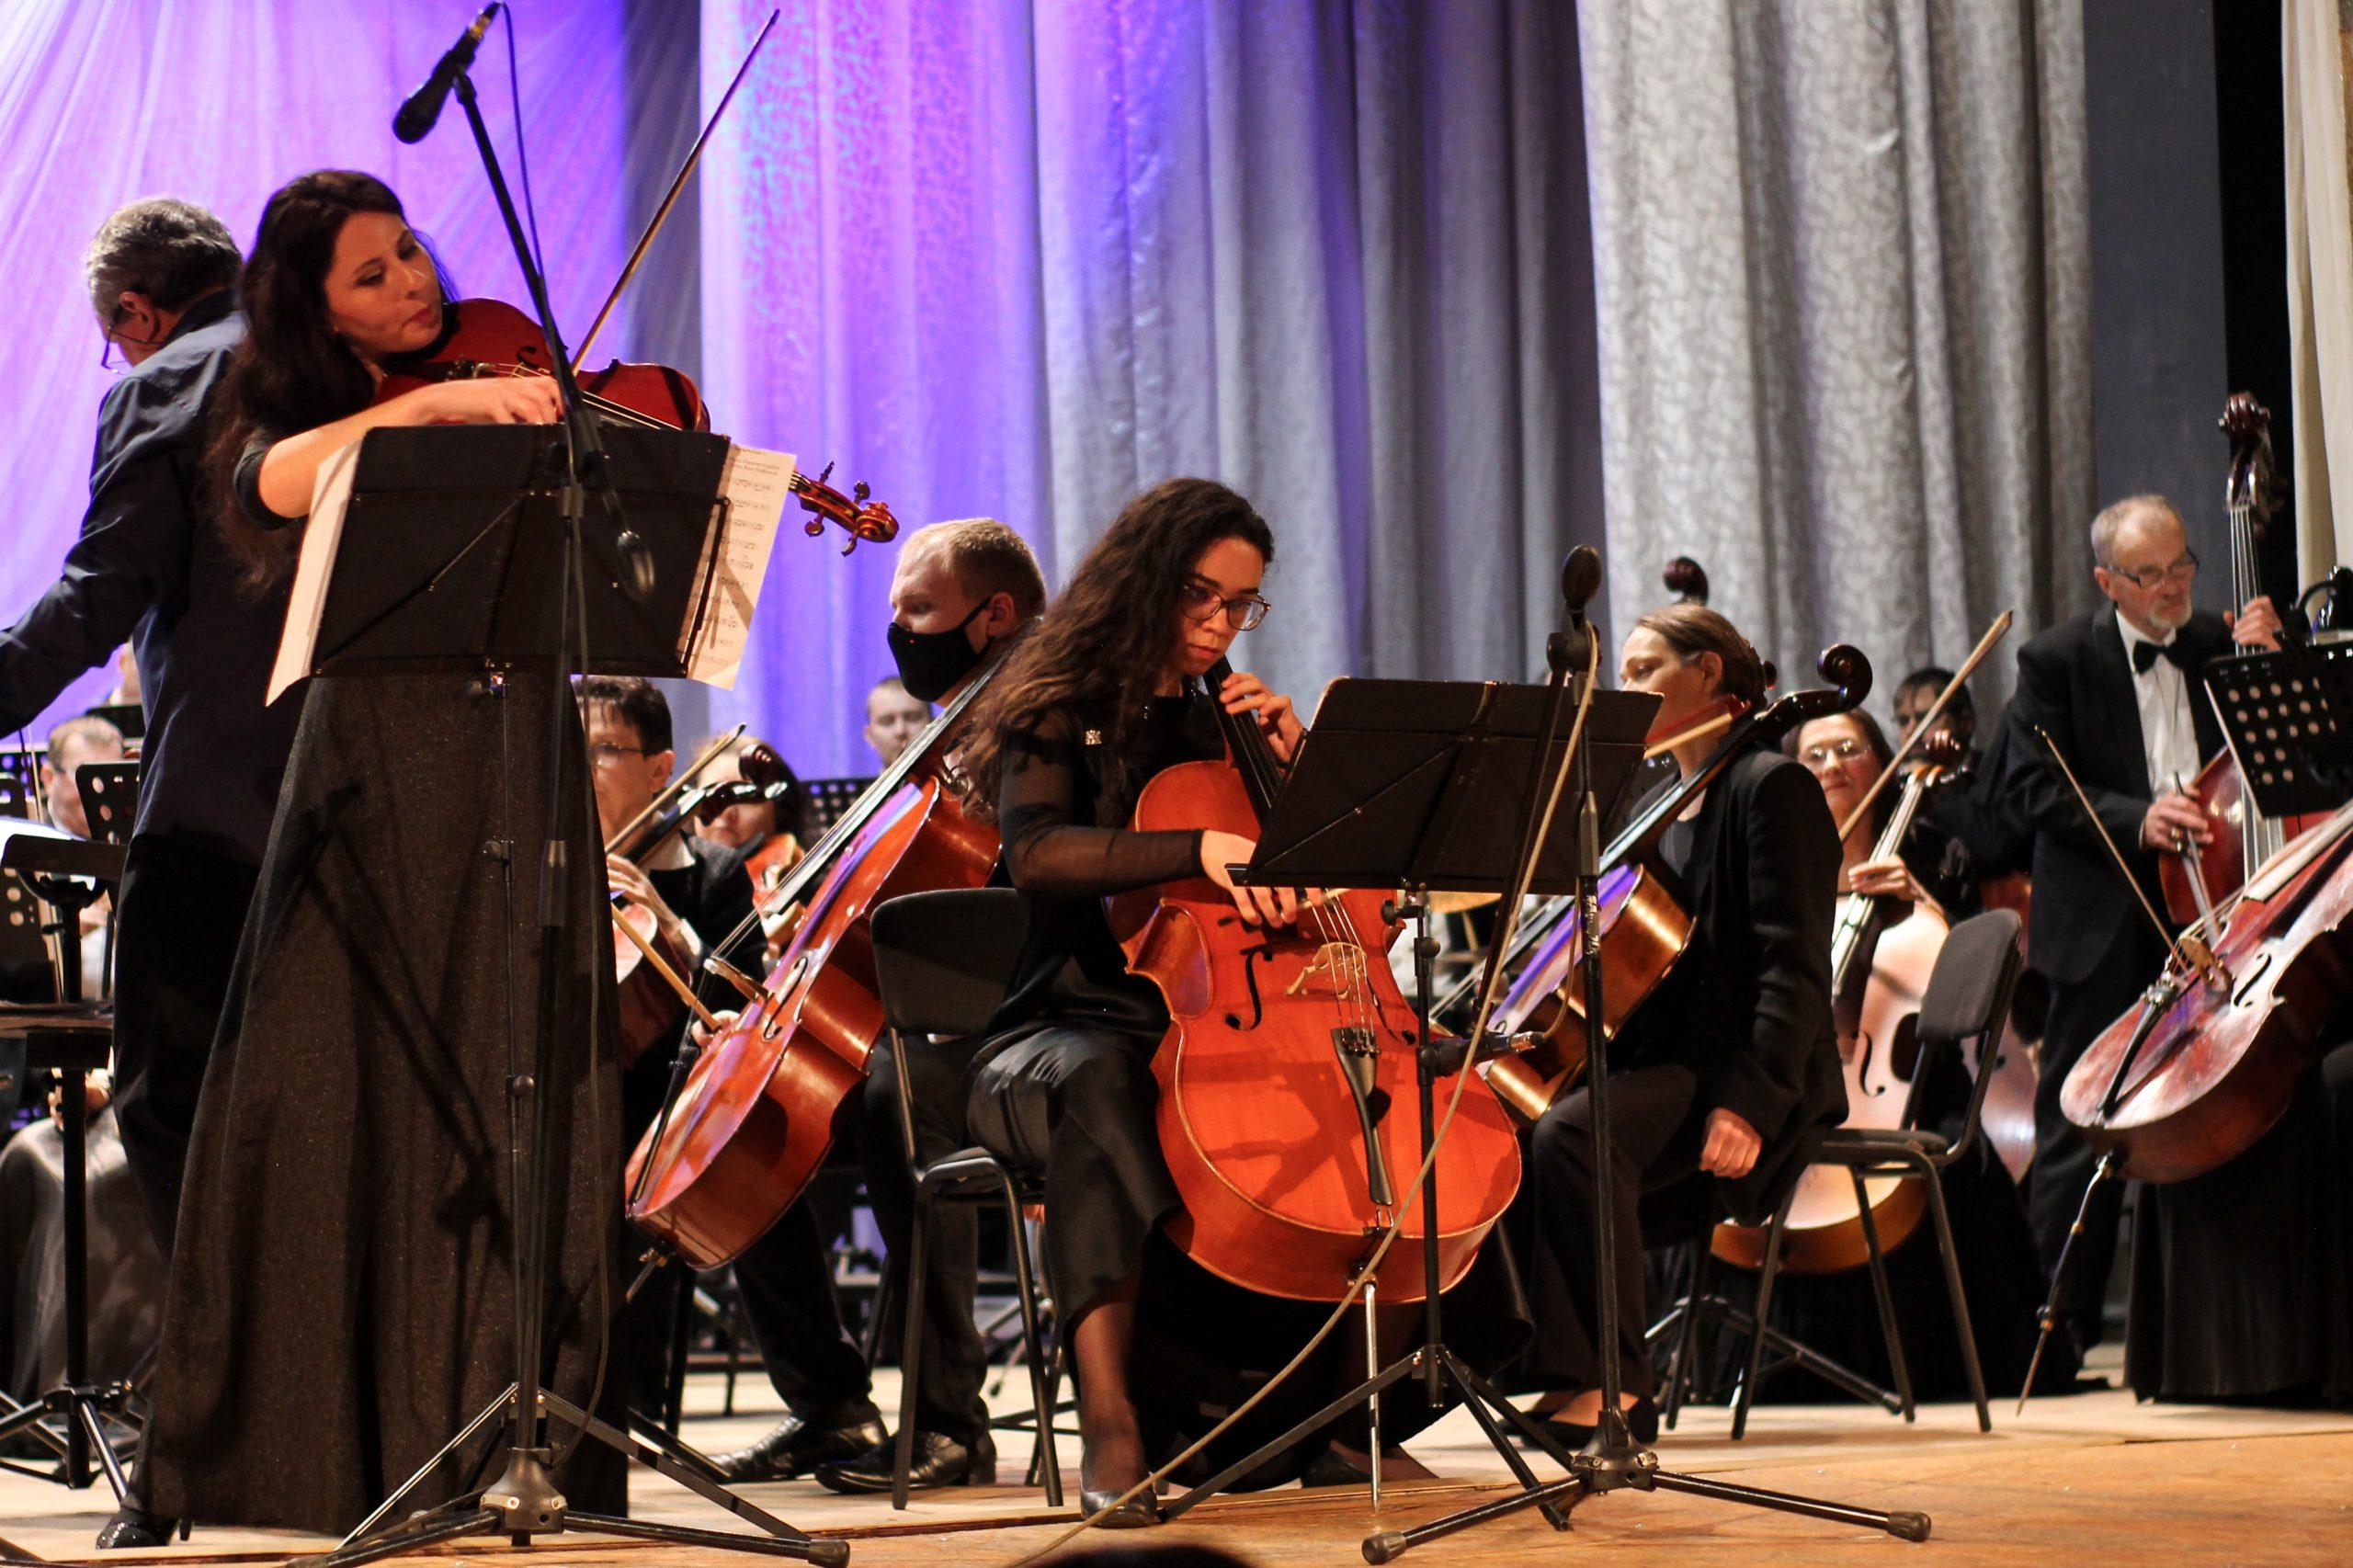 «Від класичної до сучасної музики»: у Черкаській філармоній відбувся концерт (ВІДЕО)